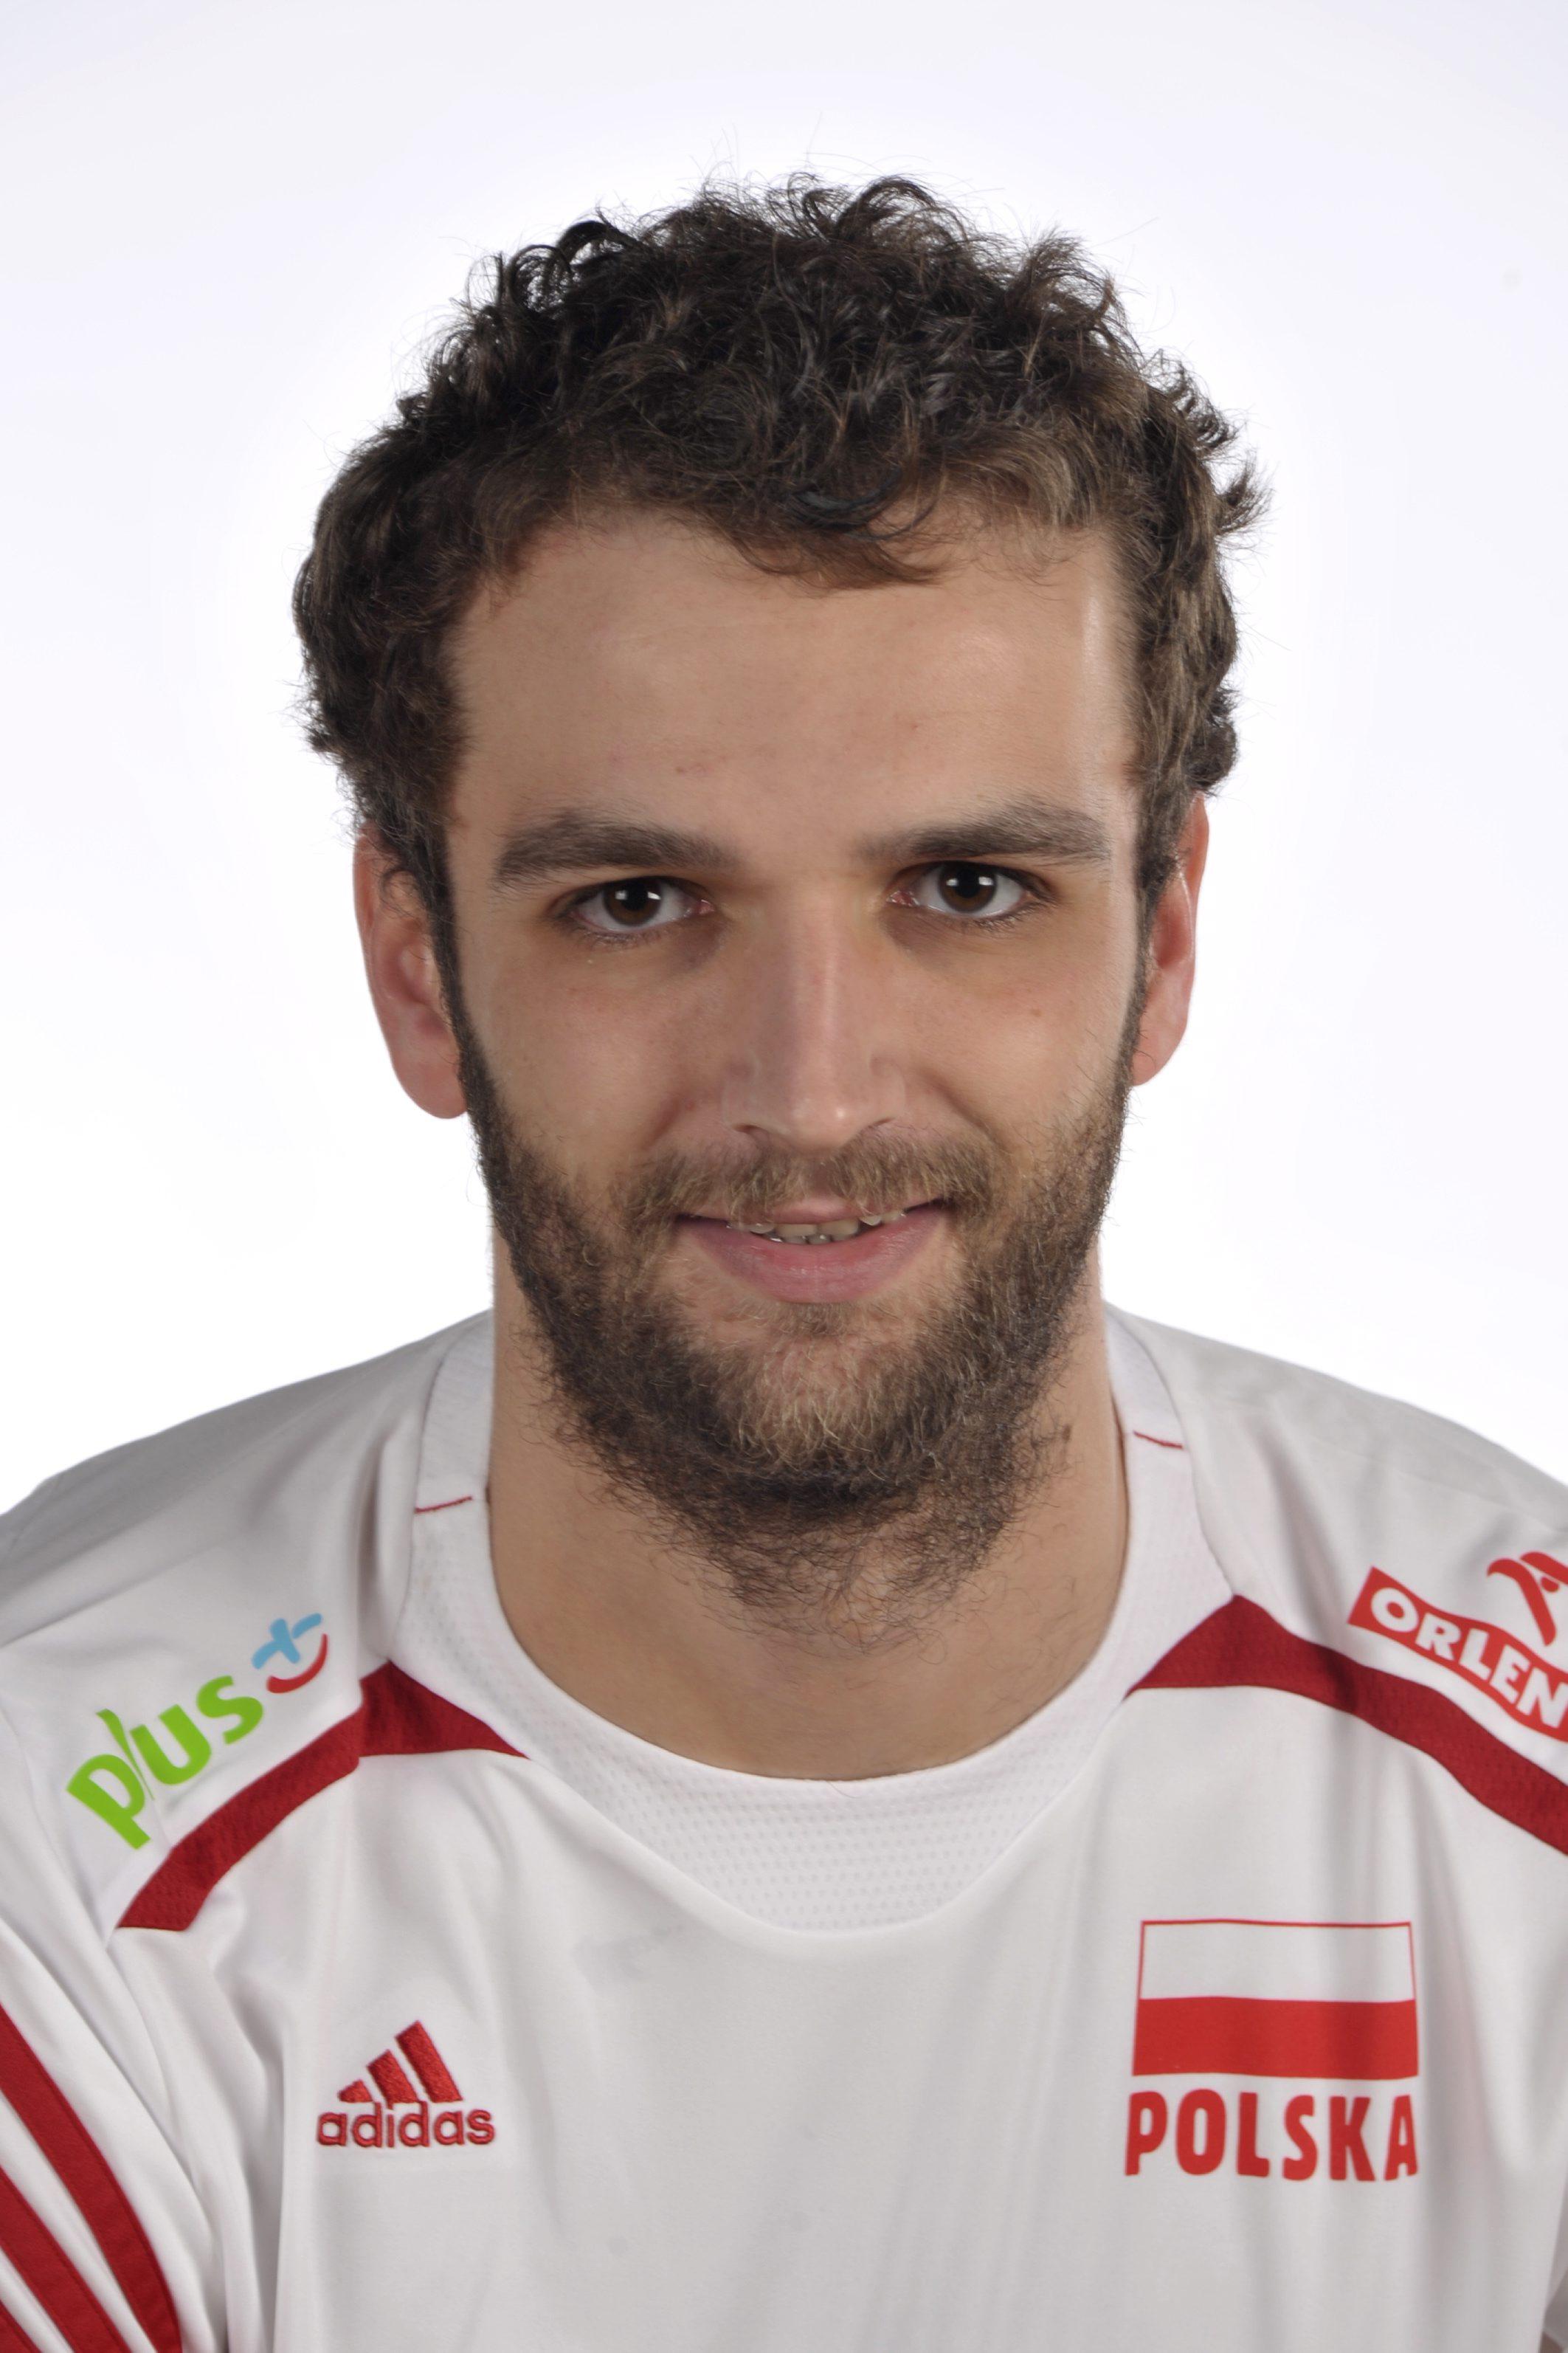 Mateusz Mika